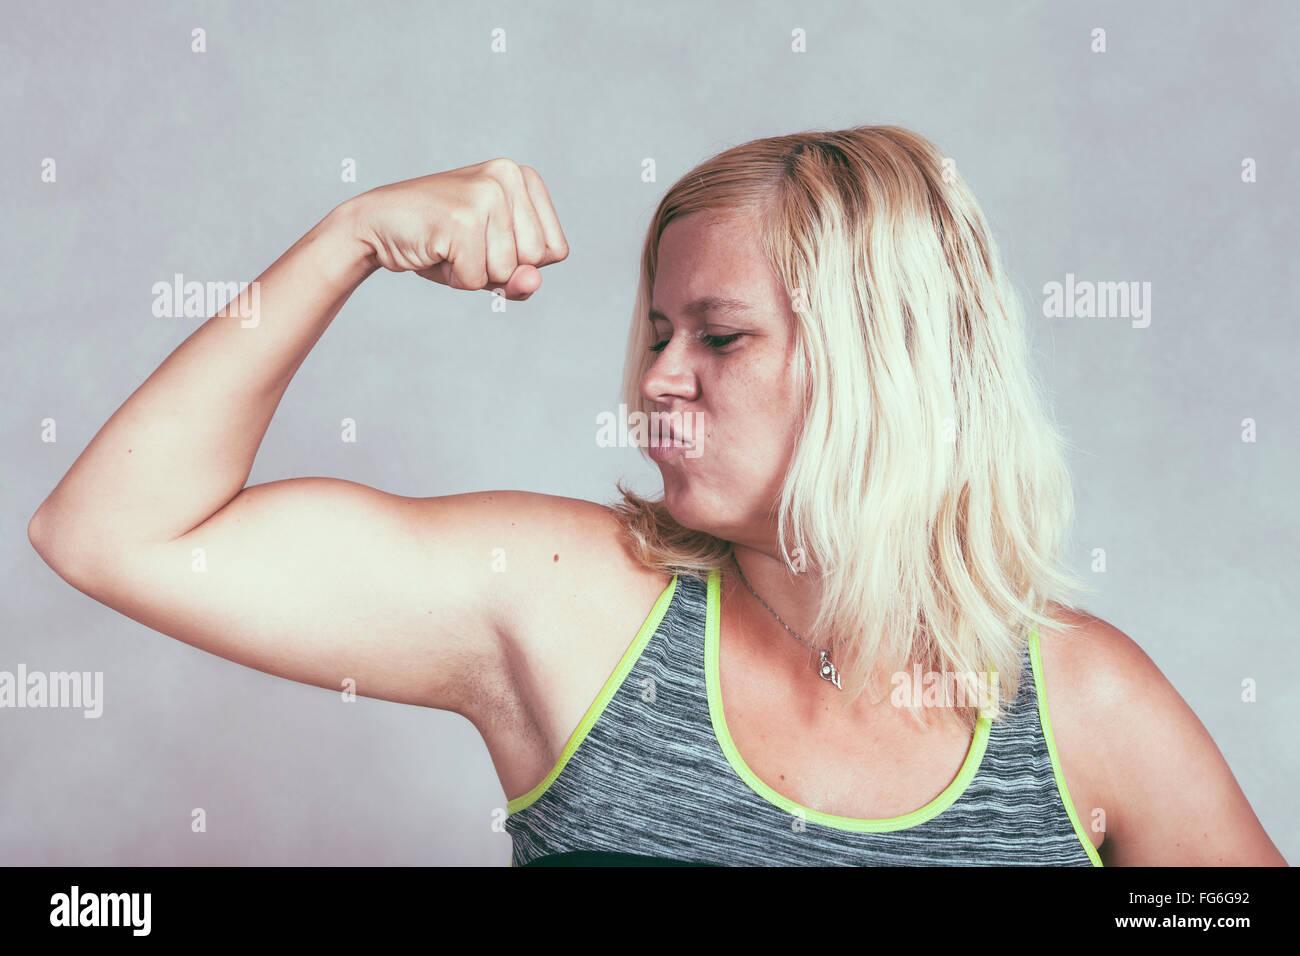 Une forte confiance woman flexing musculaire des muscles. Jeune femme sportive blonde montrant le bras et des biceps. Photo Stock